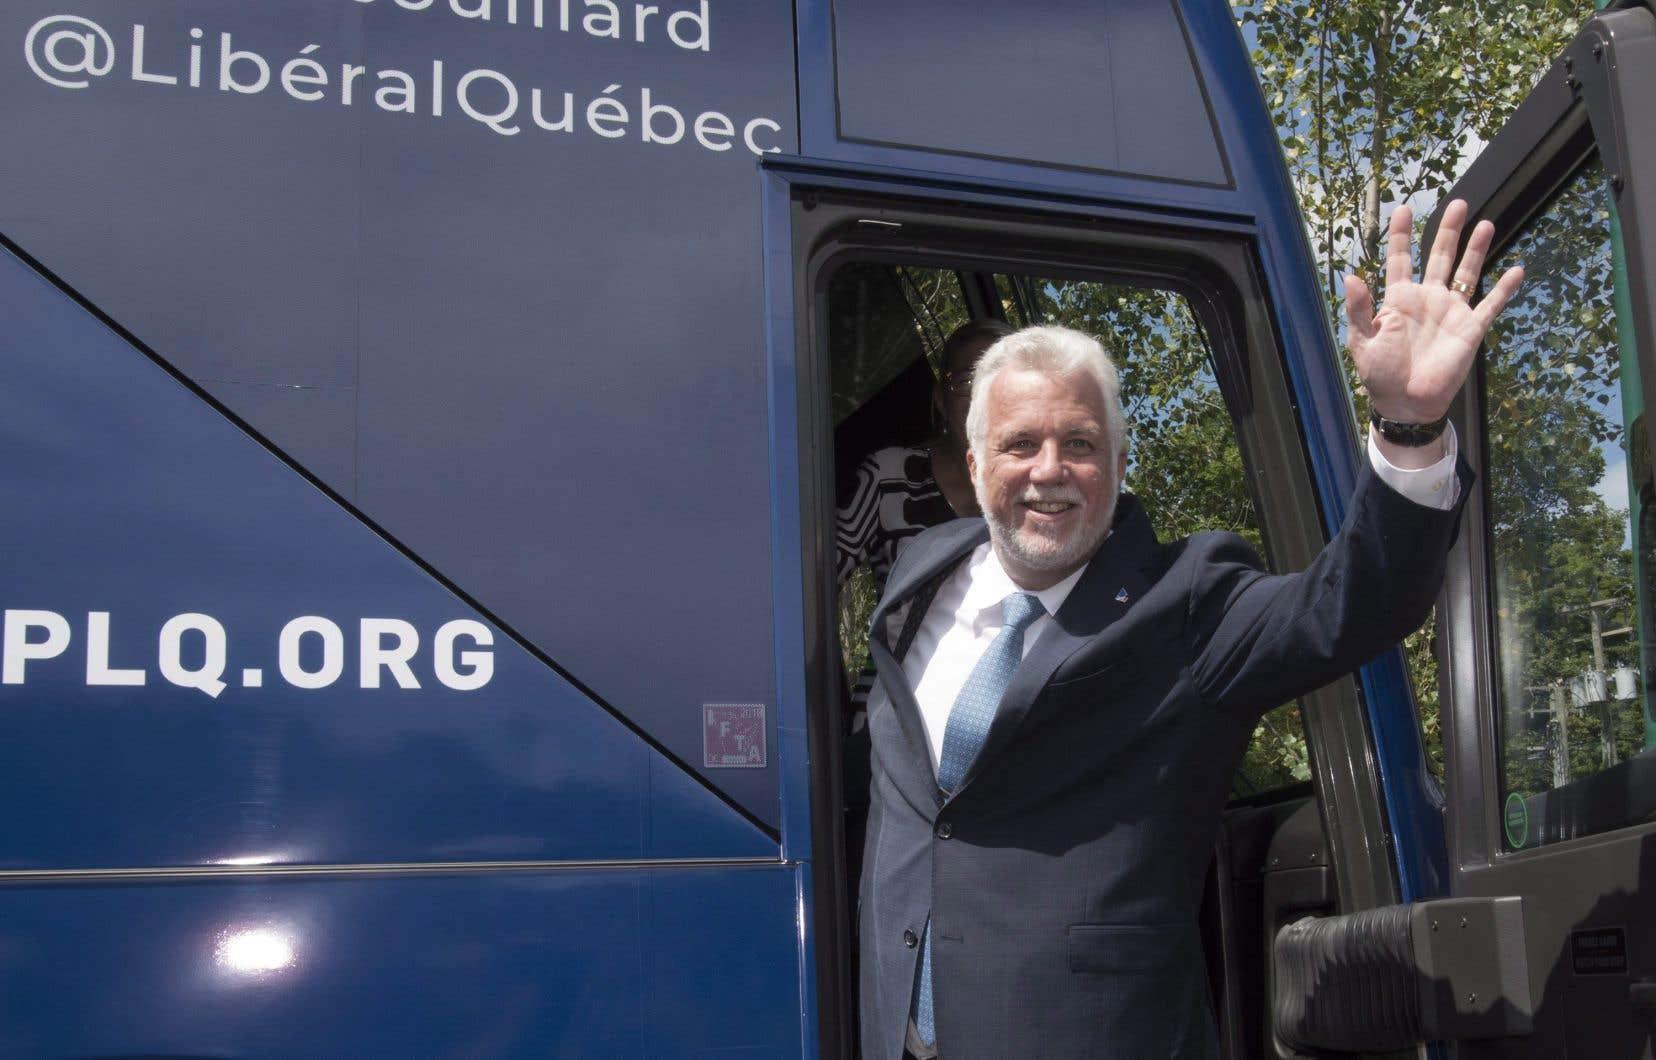 Philippe Couillard promet de «faciliter la vie des gens» s'il est réélu à la tête d'un gouvernement majoritaire.